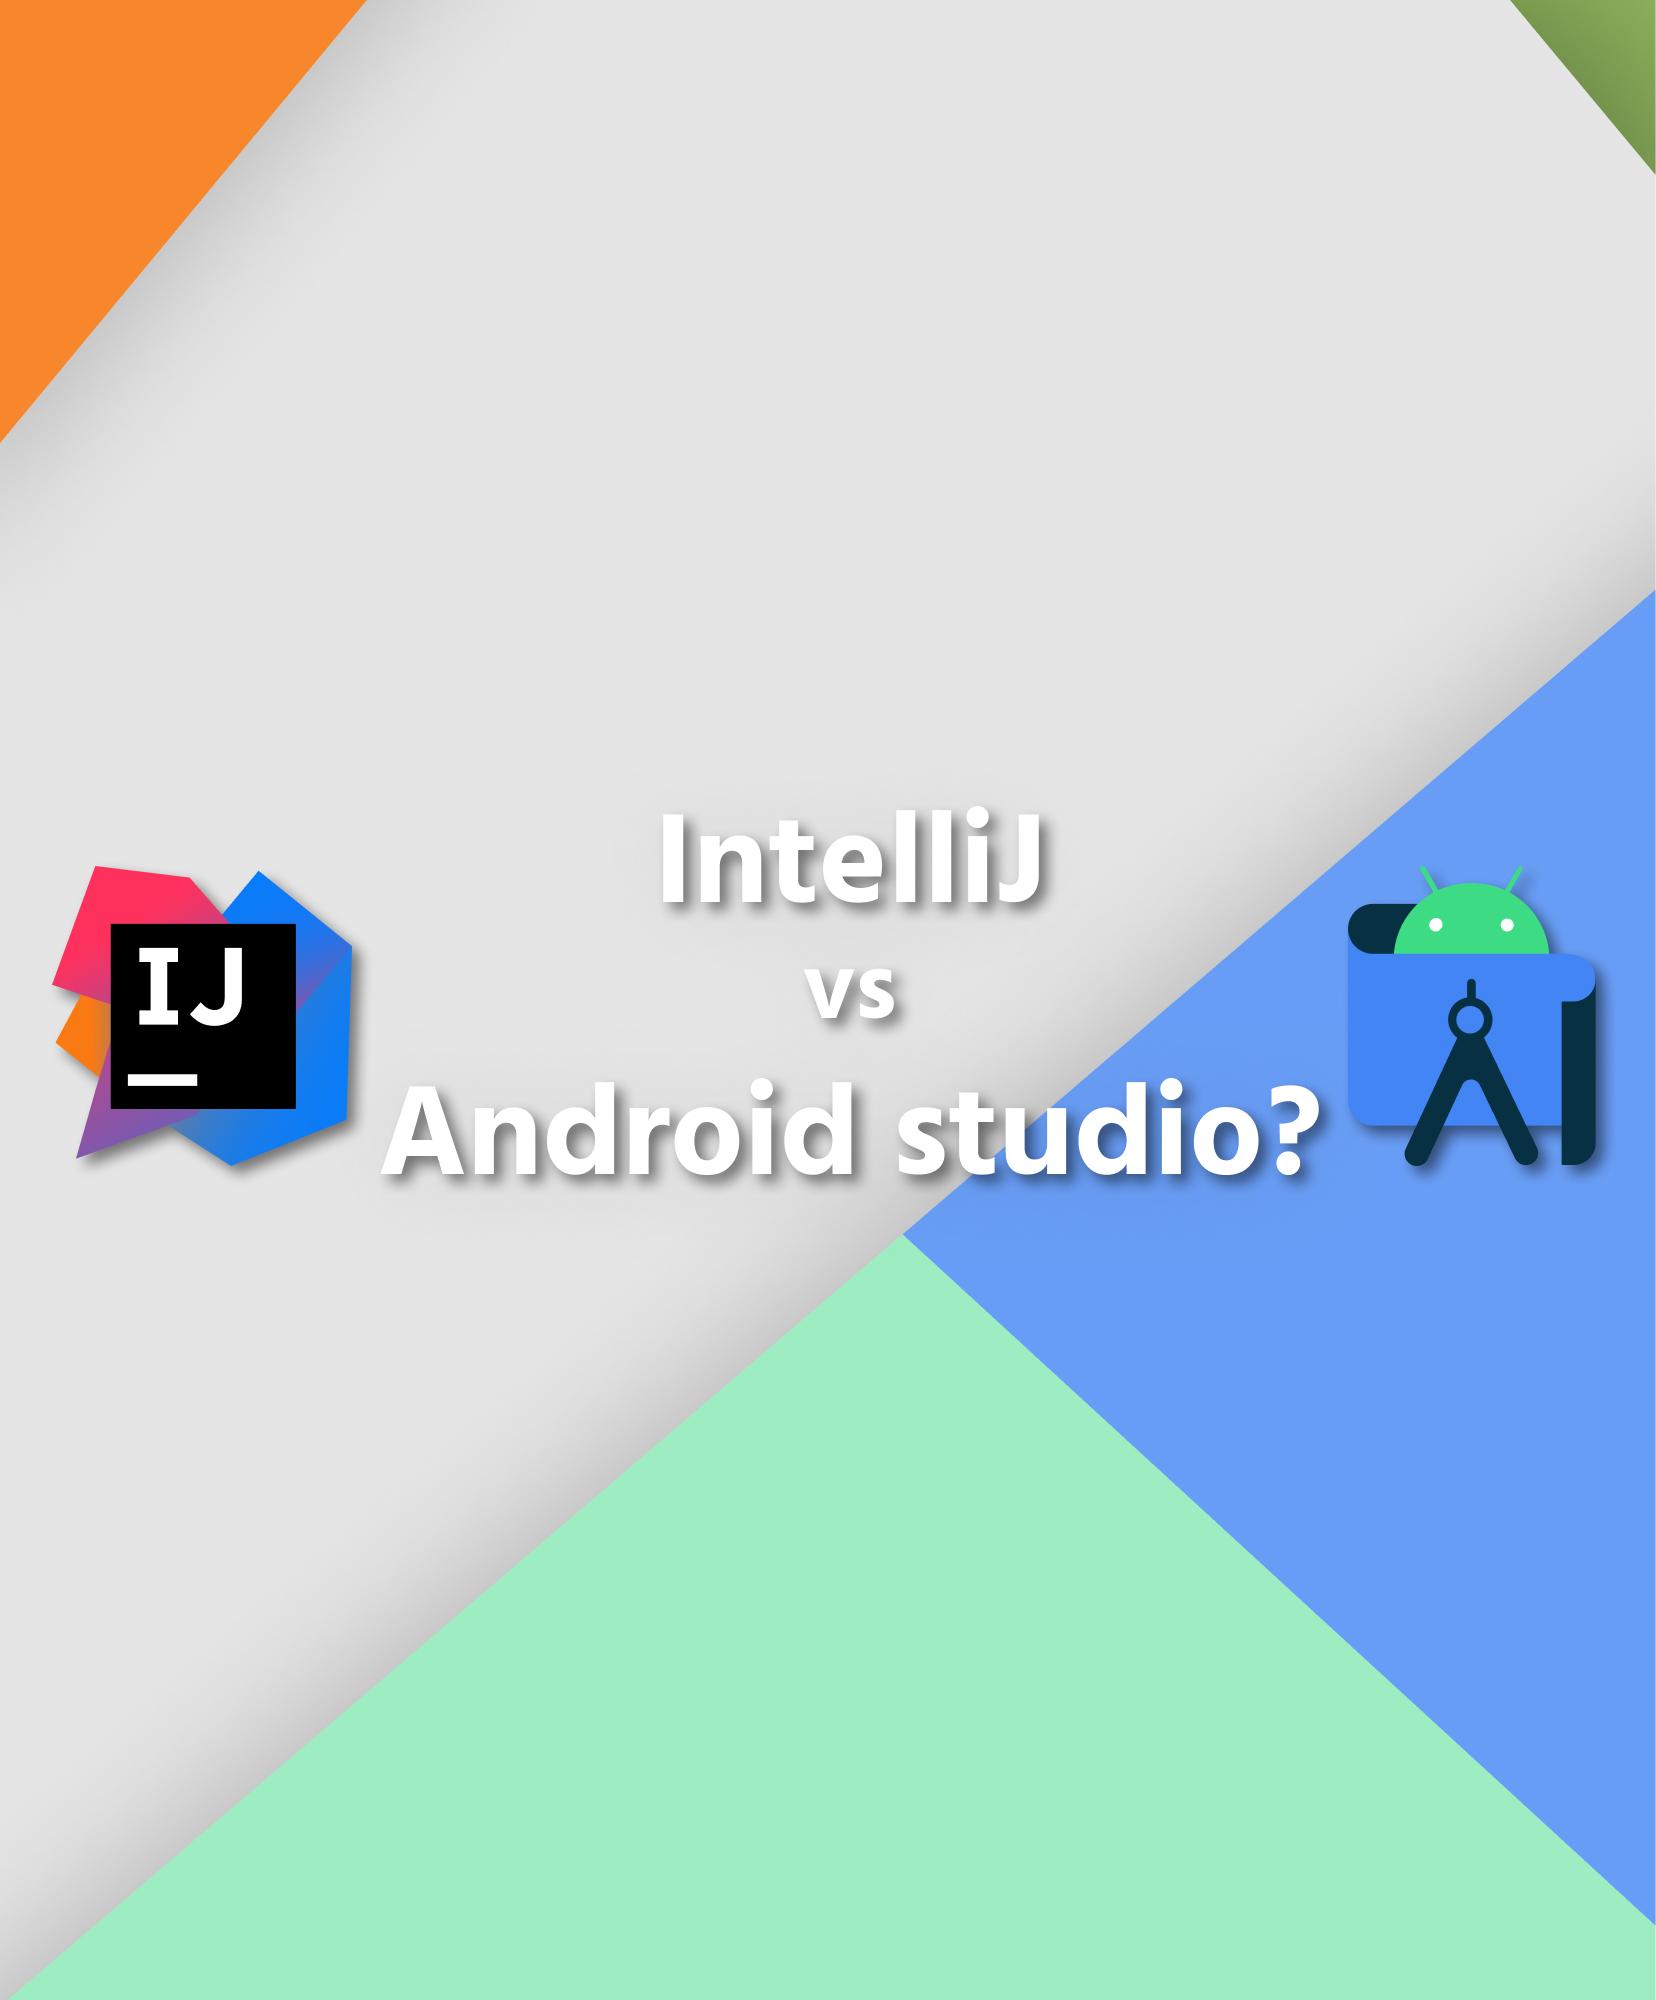 Kedy použiť IntelliJ alebo Android studio?